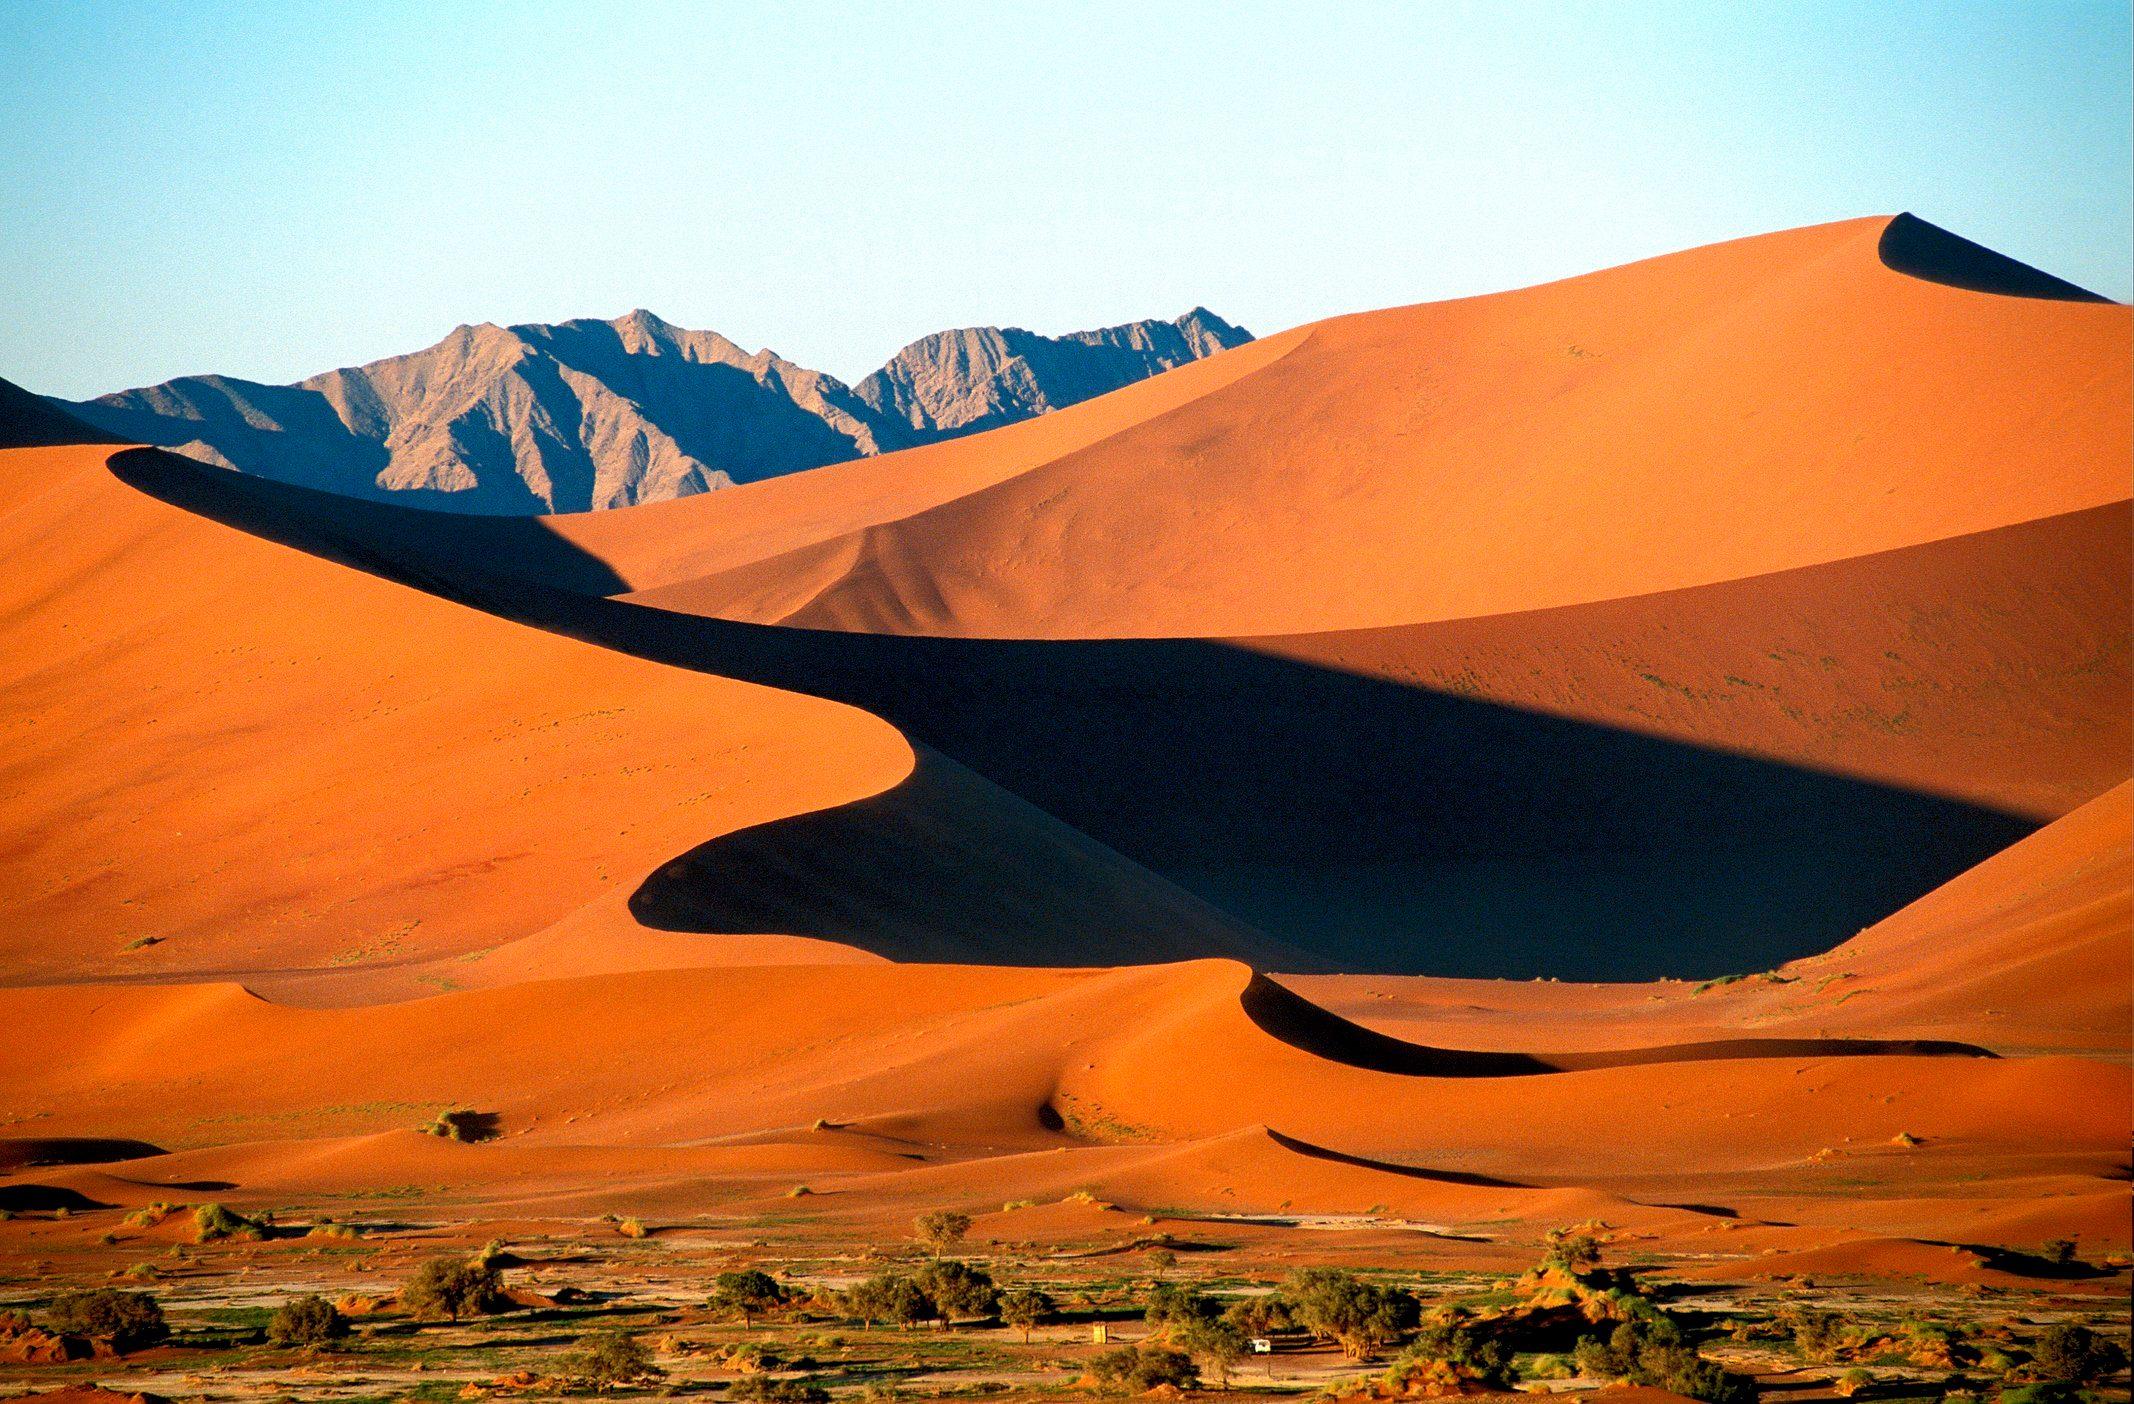 Sossusvlei Dunes in the Namib Desert